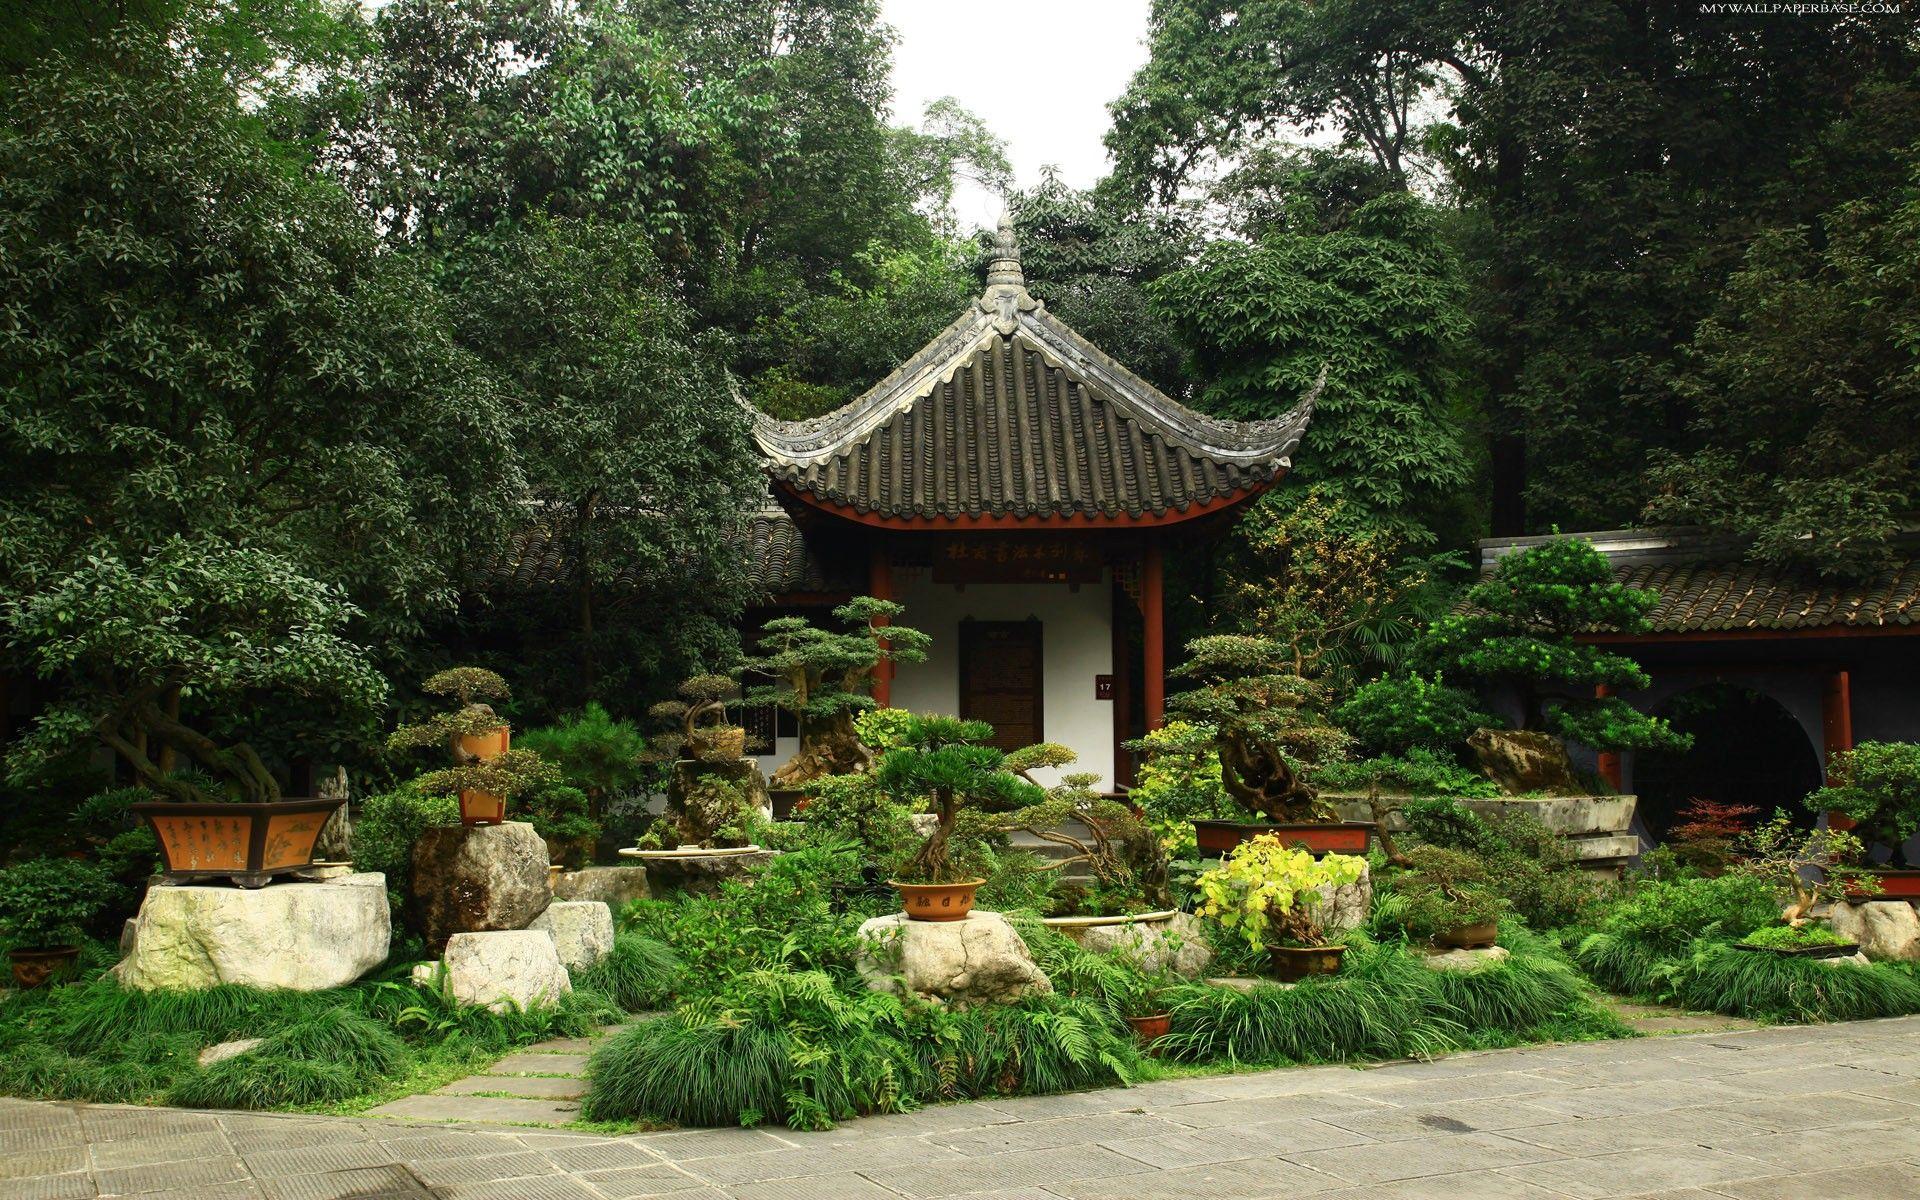 Japanese Home Garden Plants Trees Homegarden Bonsai Garden Garden Plant Pots Japanese Bonsai